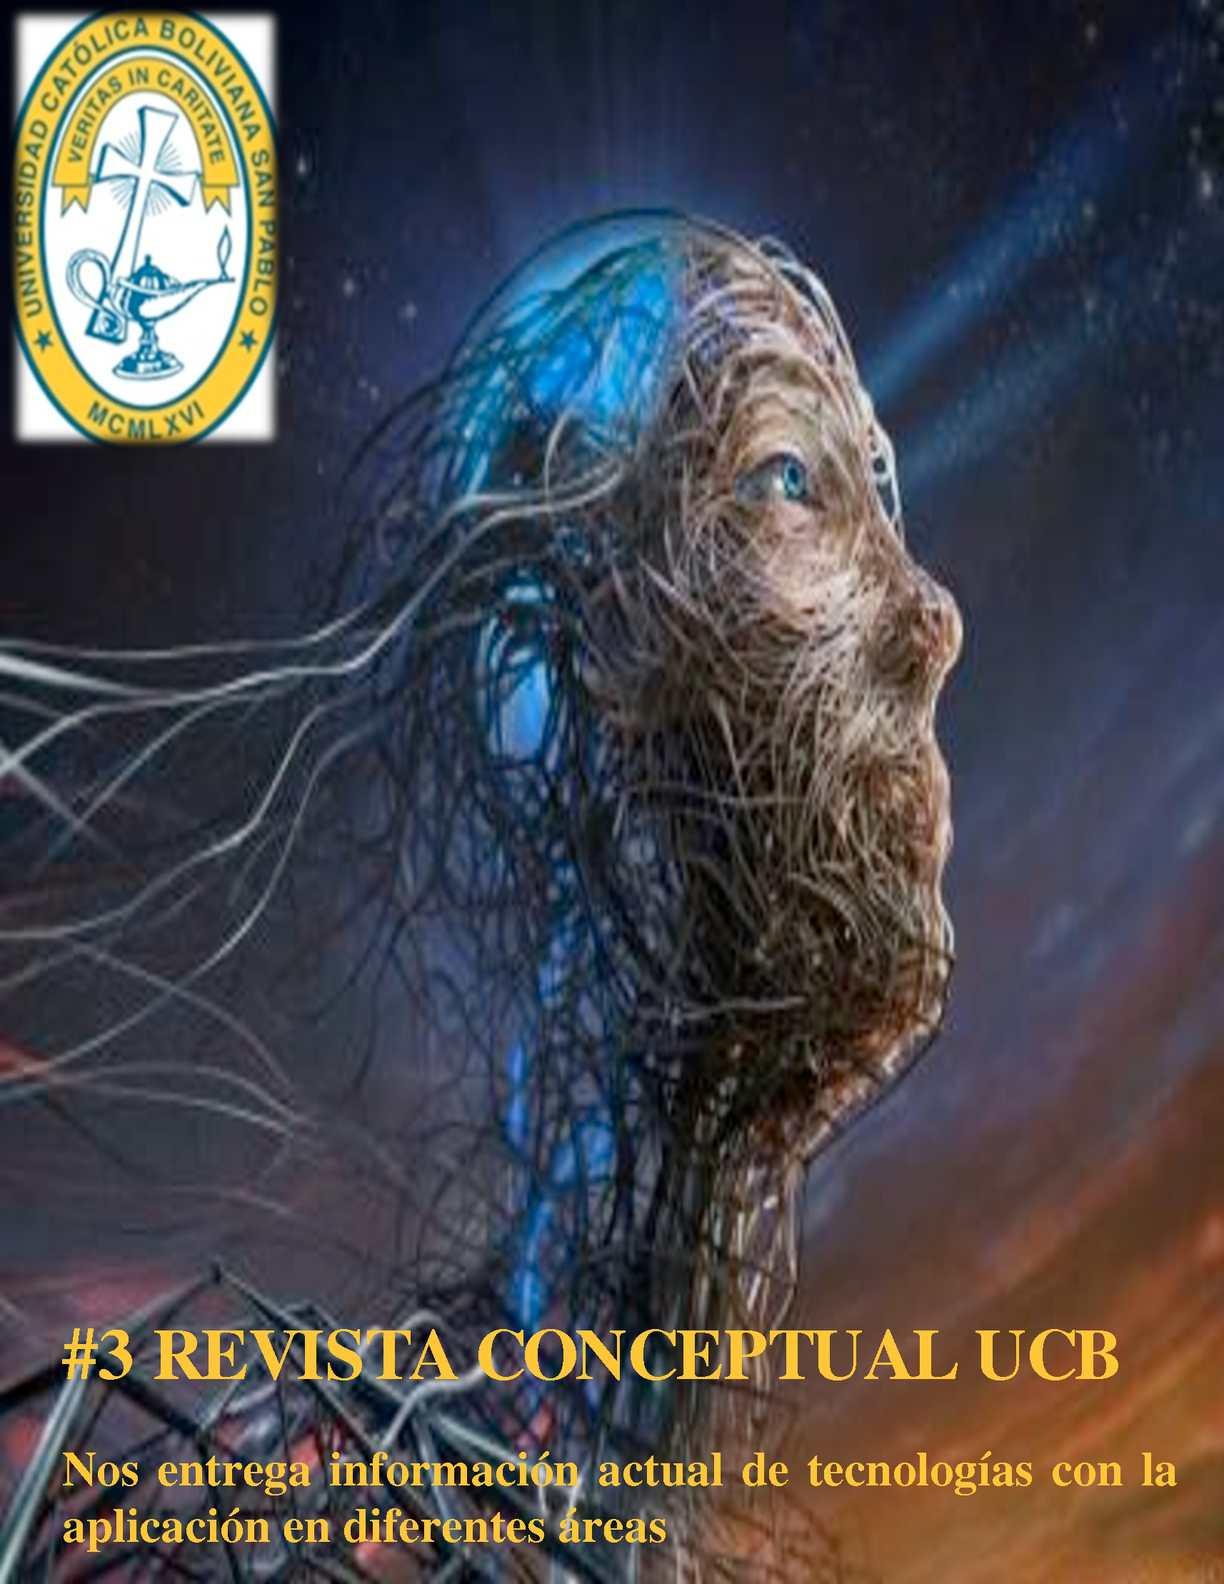 UCB Calaméo Conceptual3 Revista Revista Conceptual3 Calaméo WDEHI29